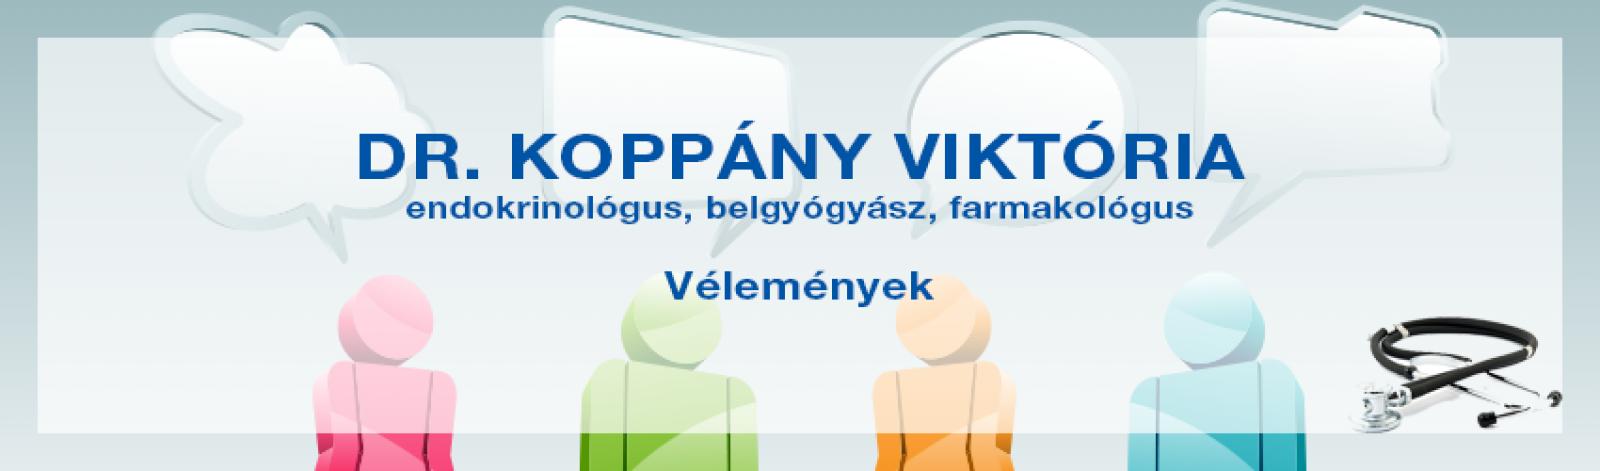 Vélemények dr. Koppány Viktóriáról